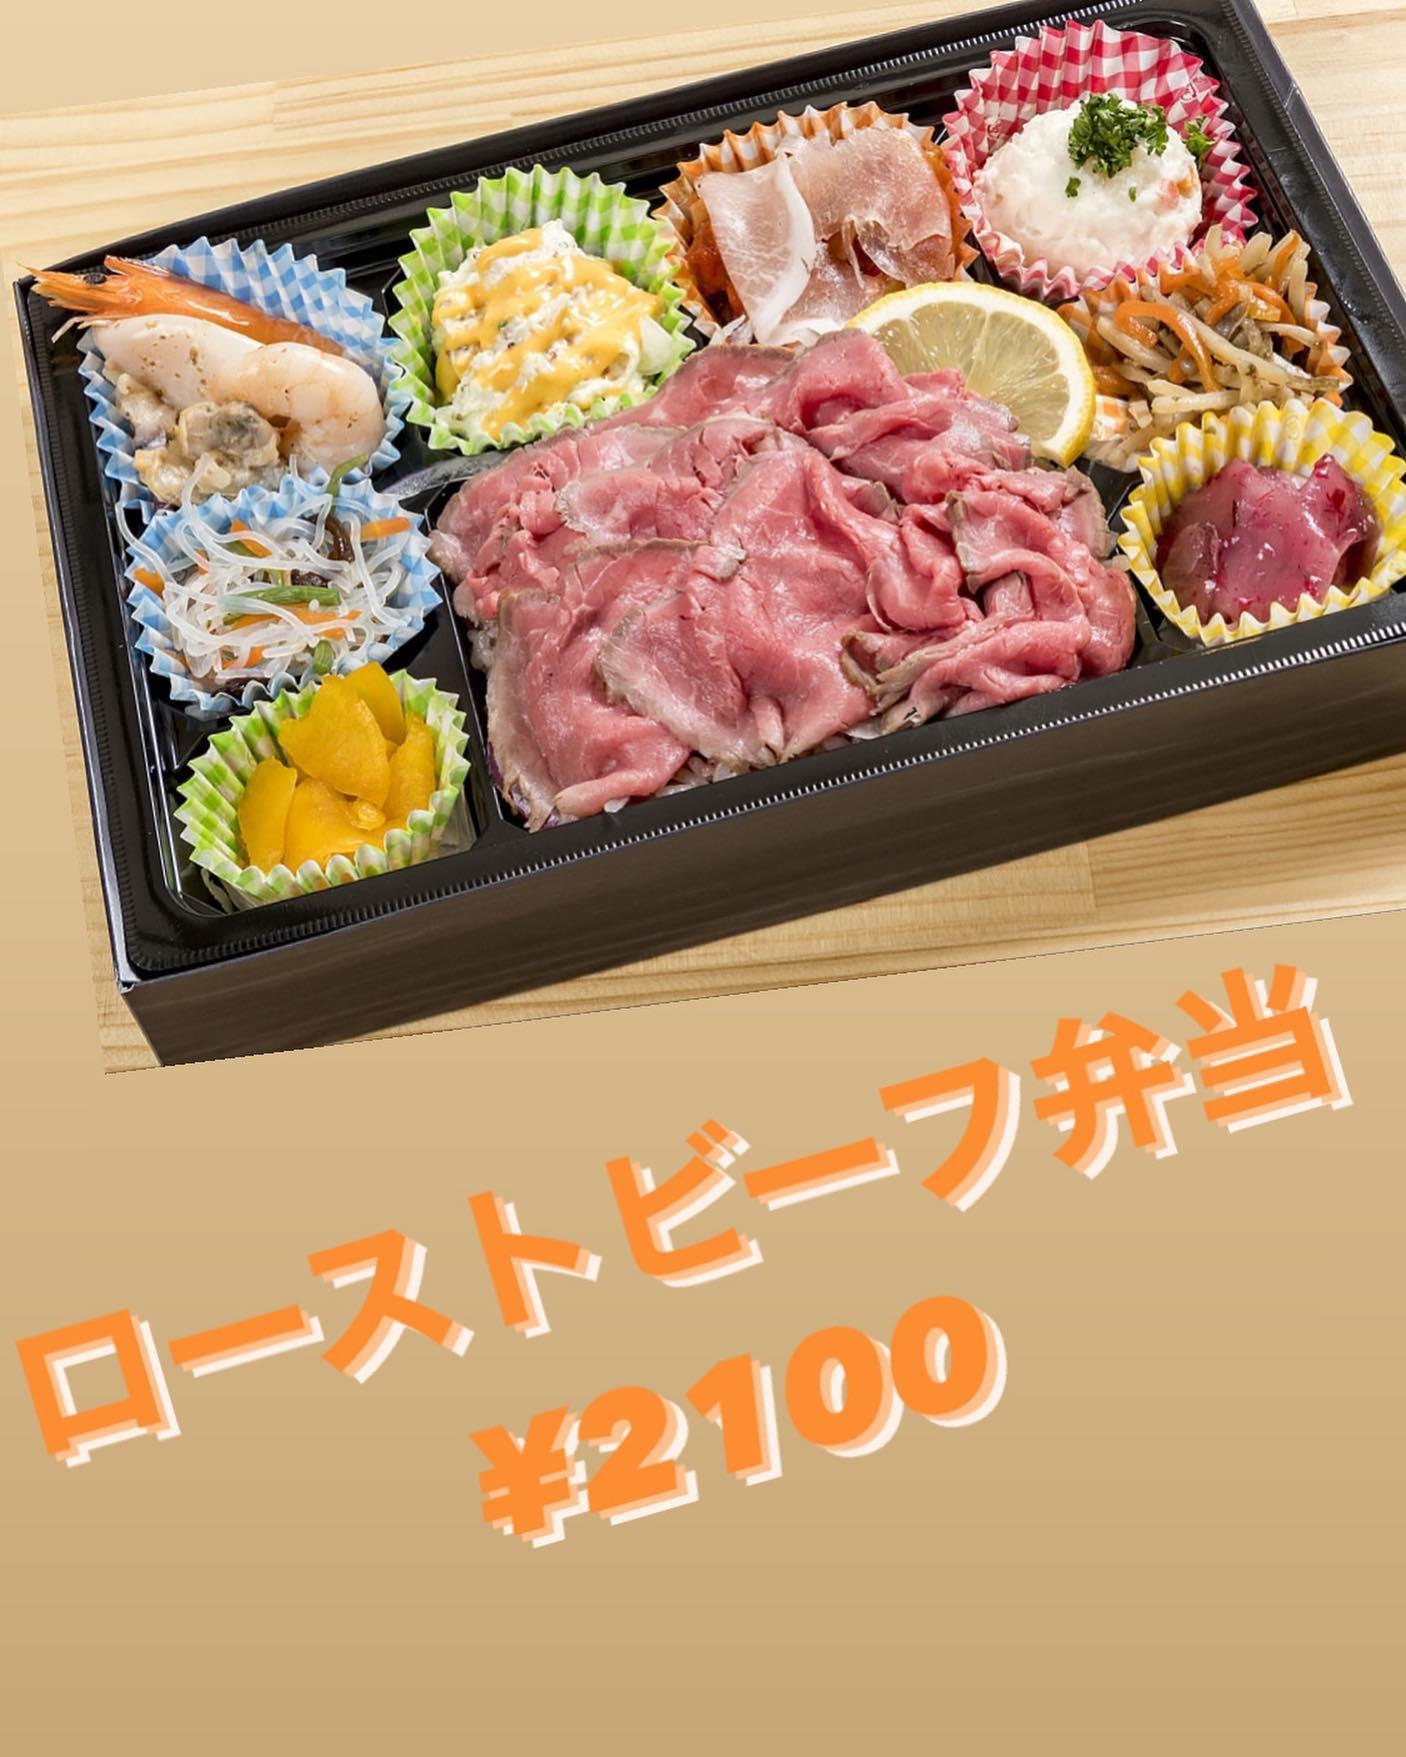 なっぱ畑です いろんなお客様からの お弁当注文ありがとうございます とても嬉しく思います。 今日のオススメは ローストビーフ弁当¥2100 ぜひ、お電話お待ちしております♪